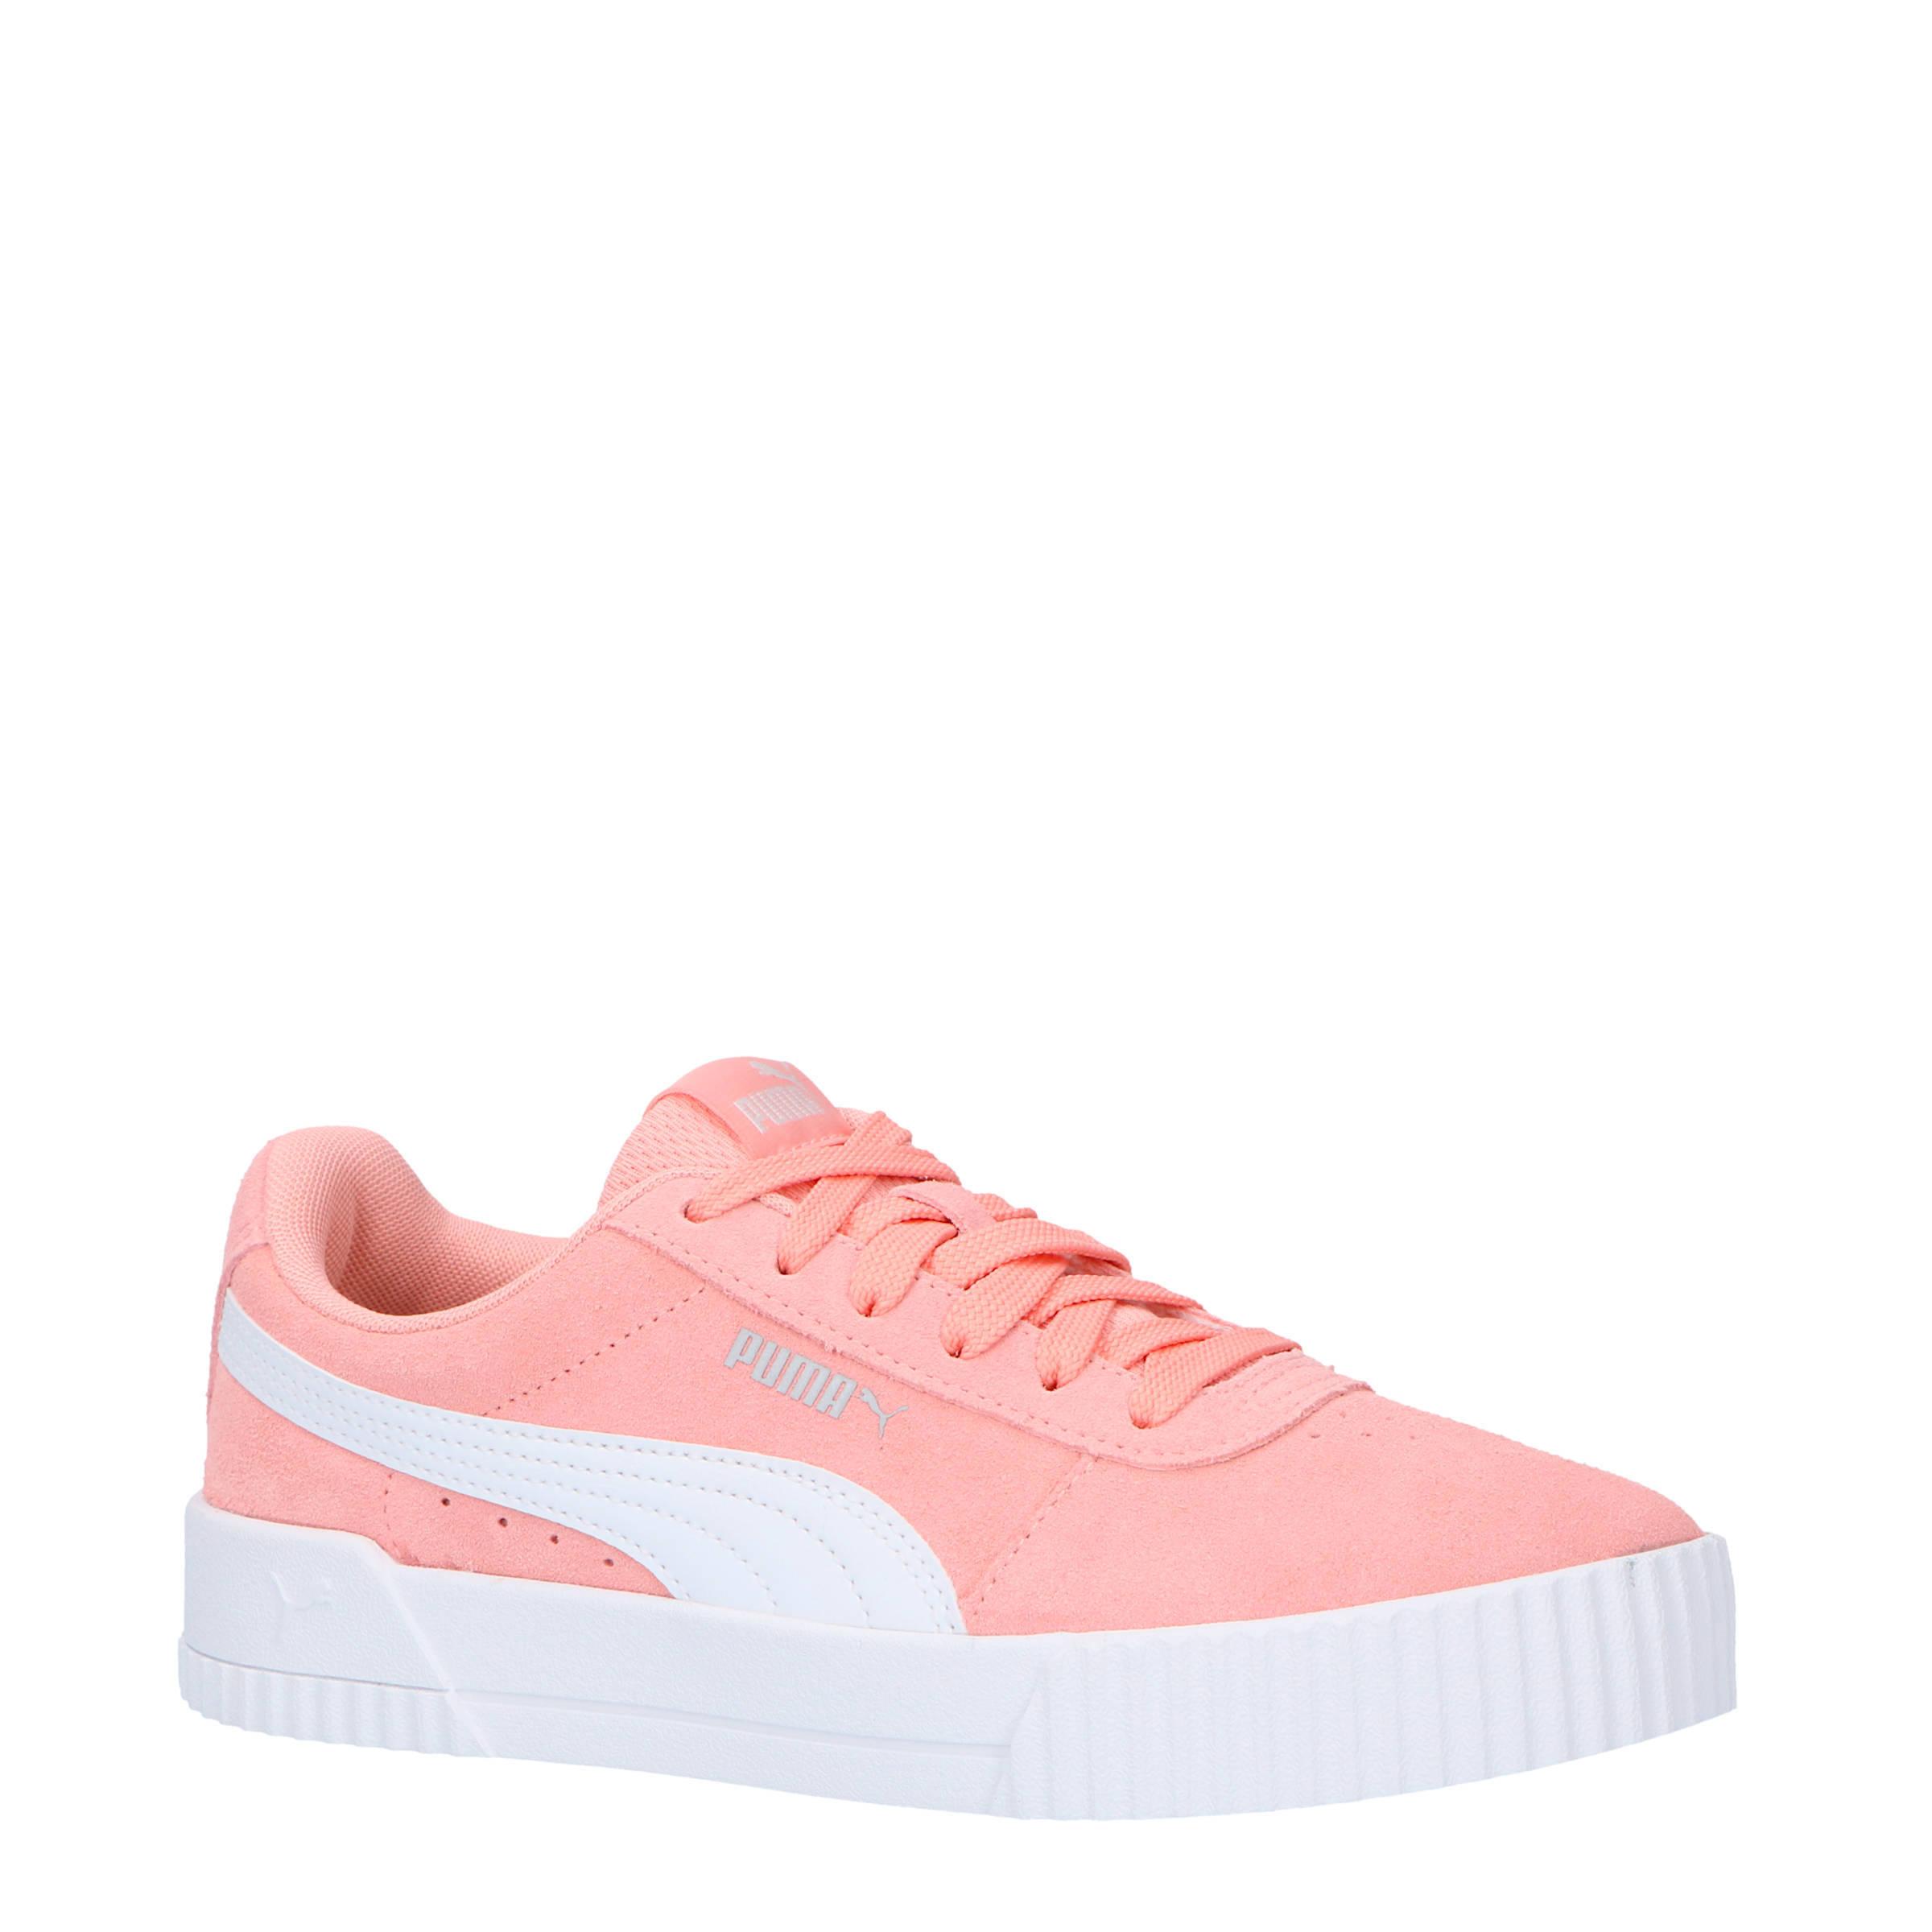 7cfbd56a229 Nieuwe collectie damesschoenen & -sneakers bij wehkamp - Gratis bezorging  vanaf 20.-